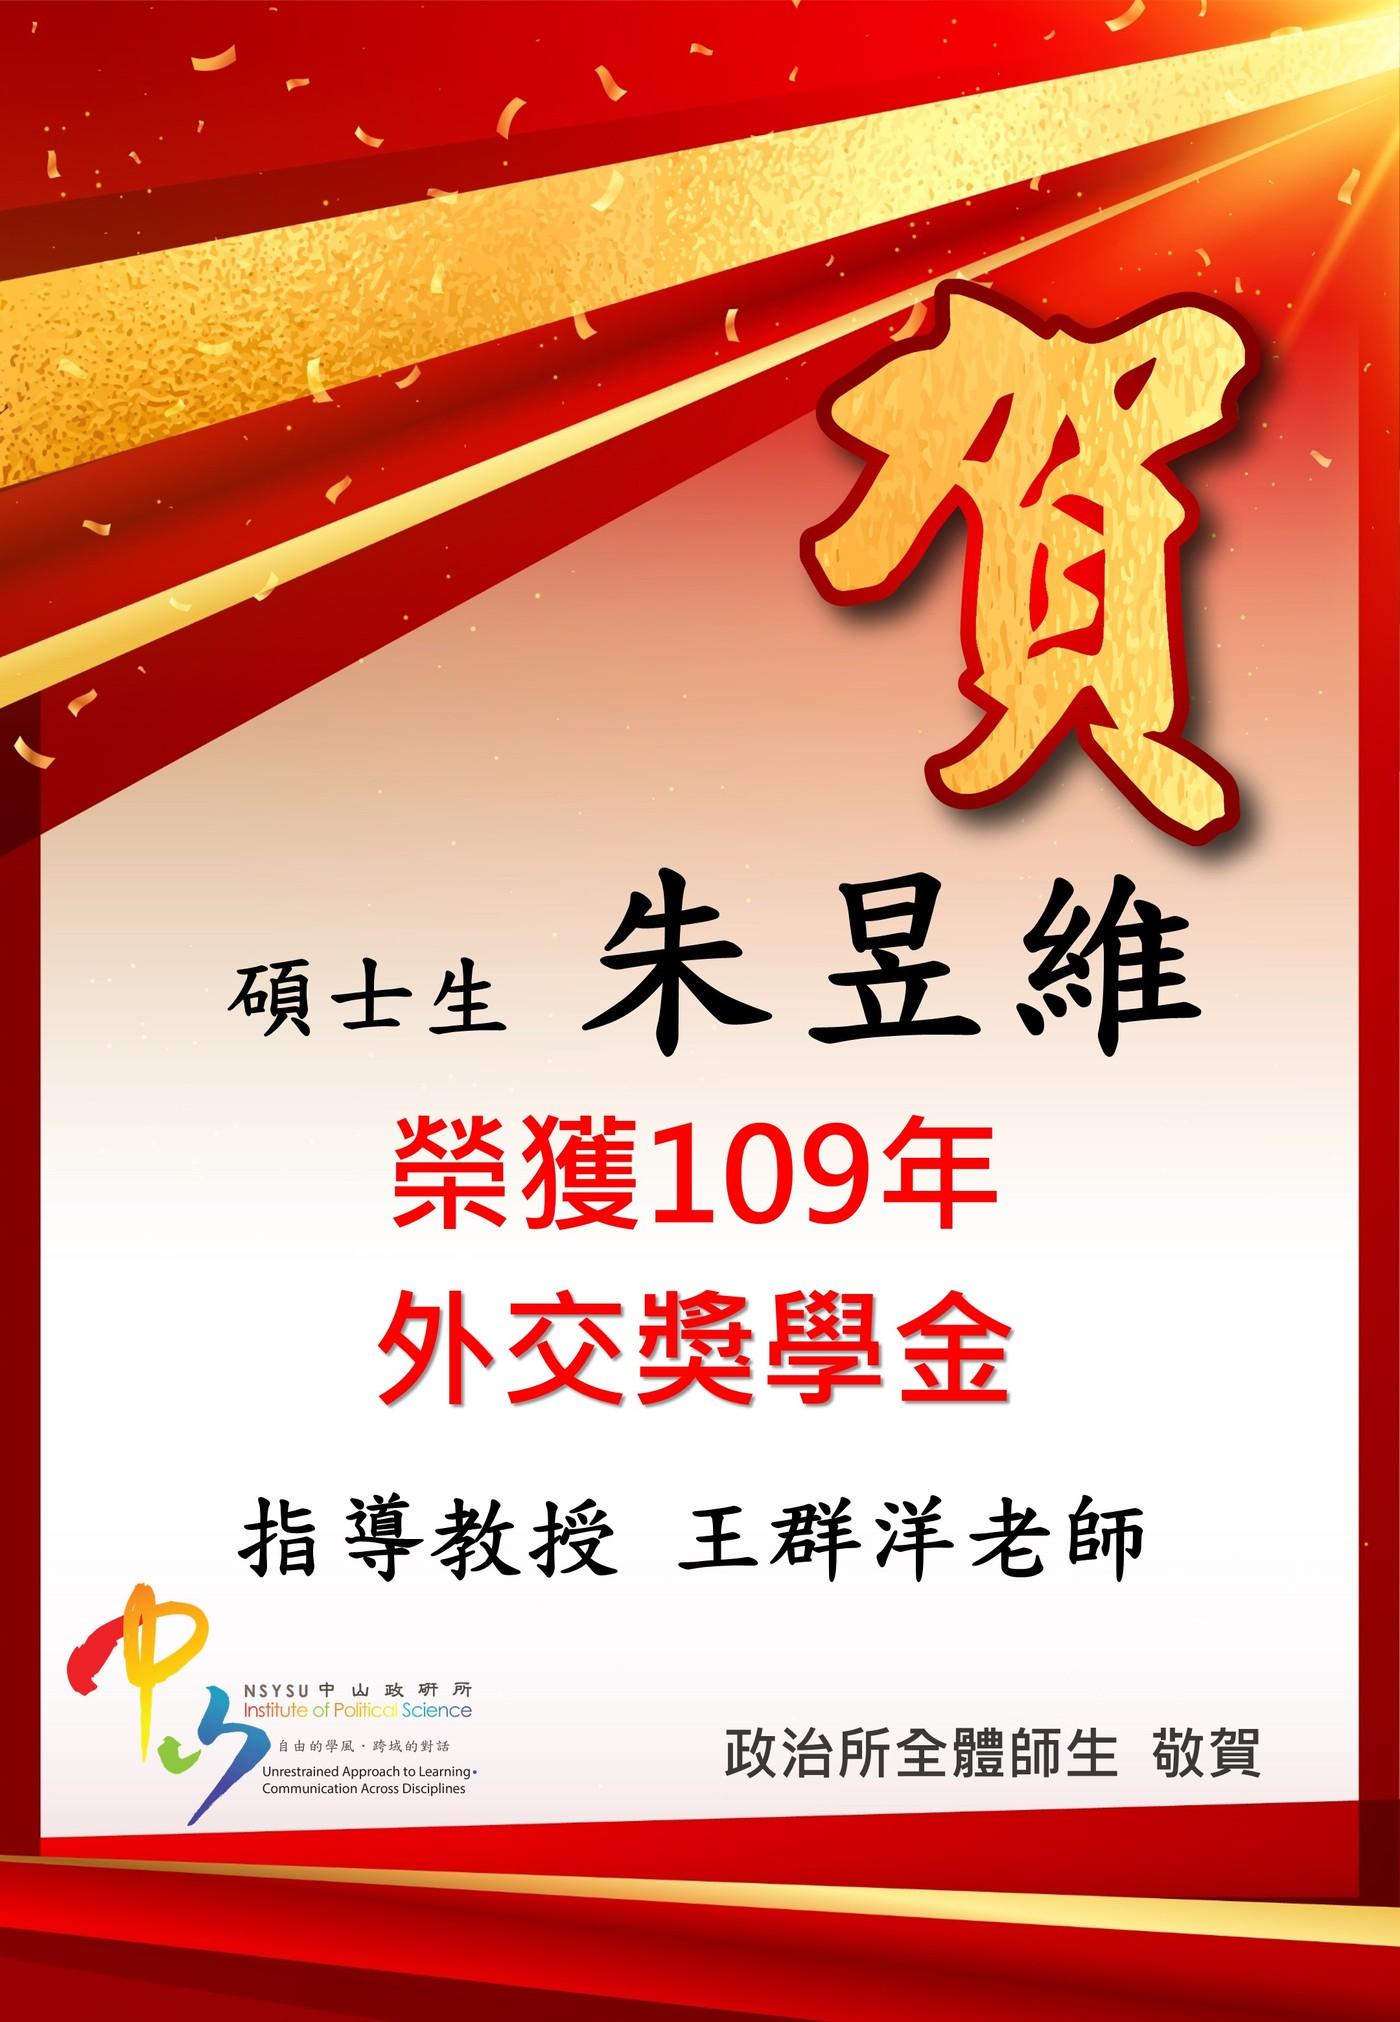 碩士生朱昱維榮獲109年外交部獎學金